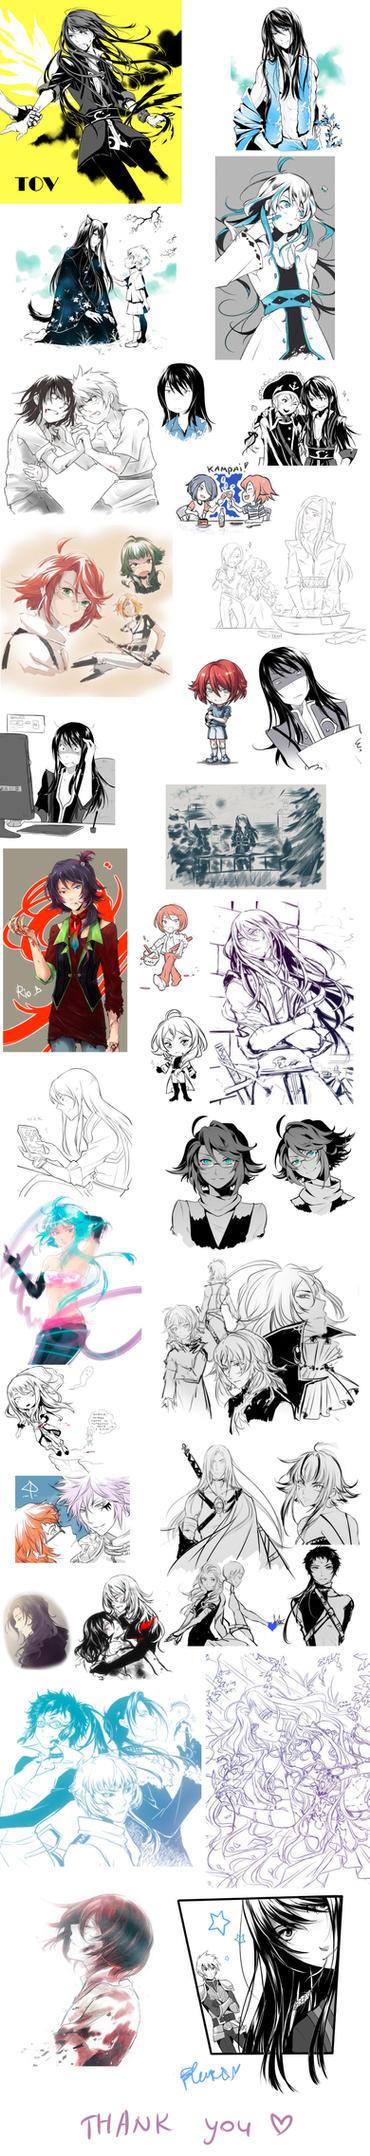 Sketch dump 3 by baka-ouji